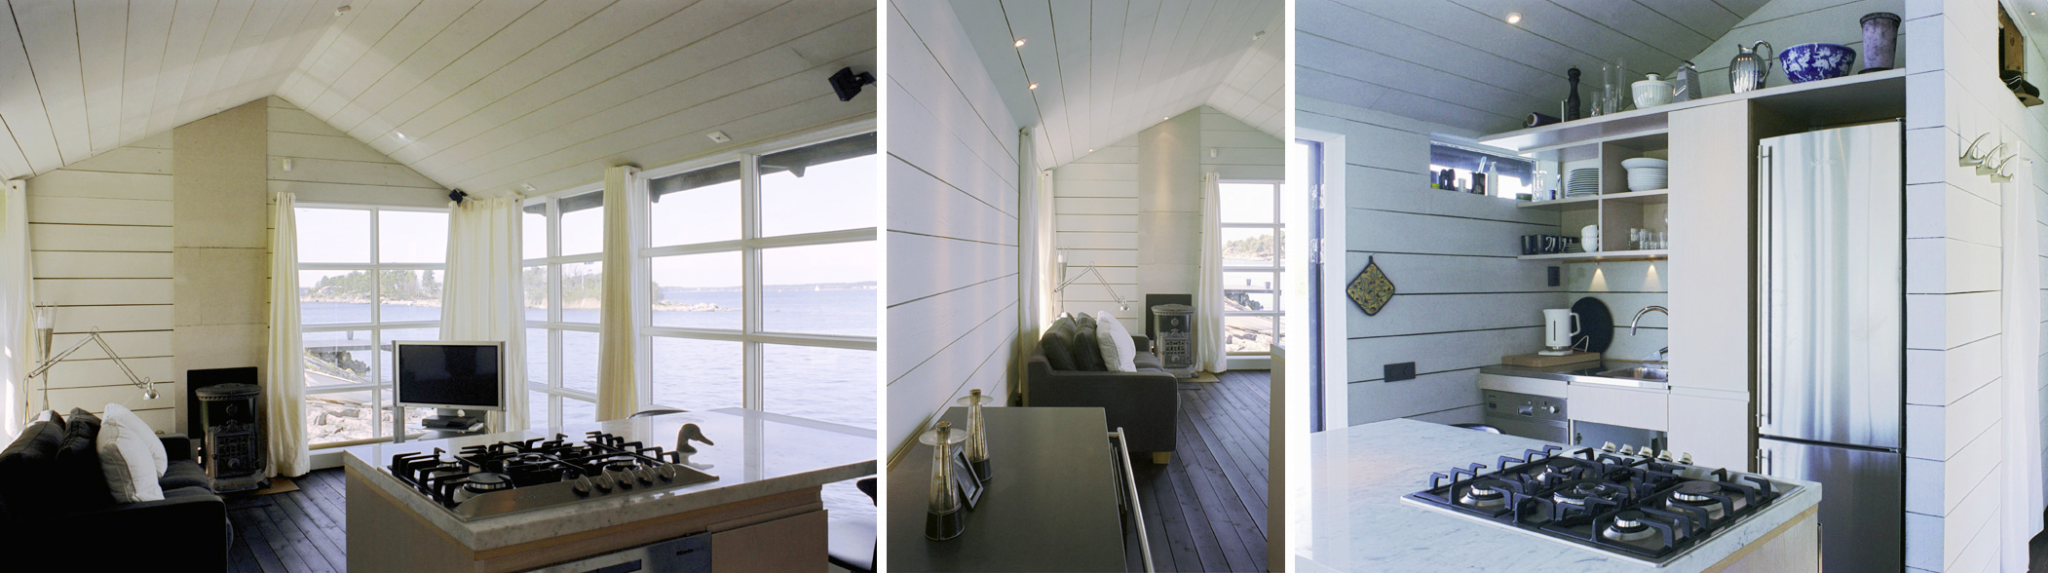 Vardagsrum och pentry i Sjöbod Beckbo,ritat av Rex arkitektbyrå